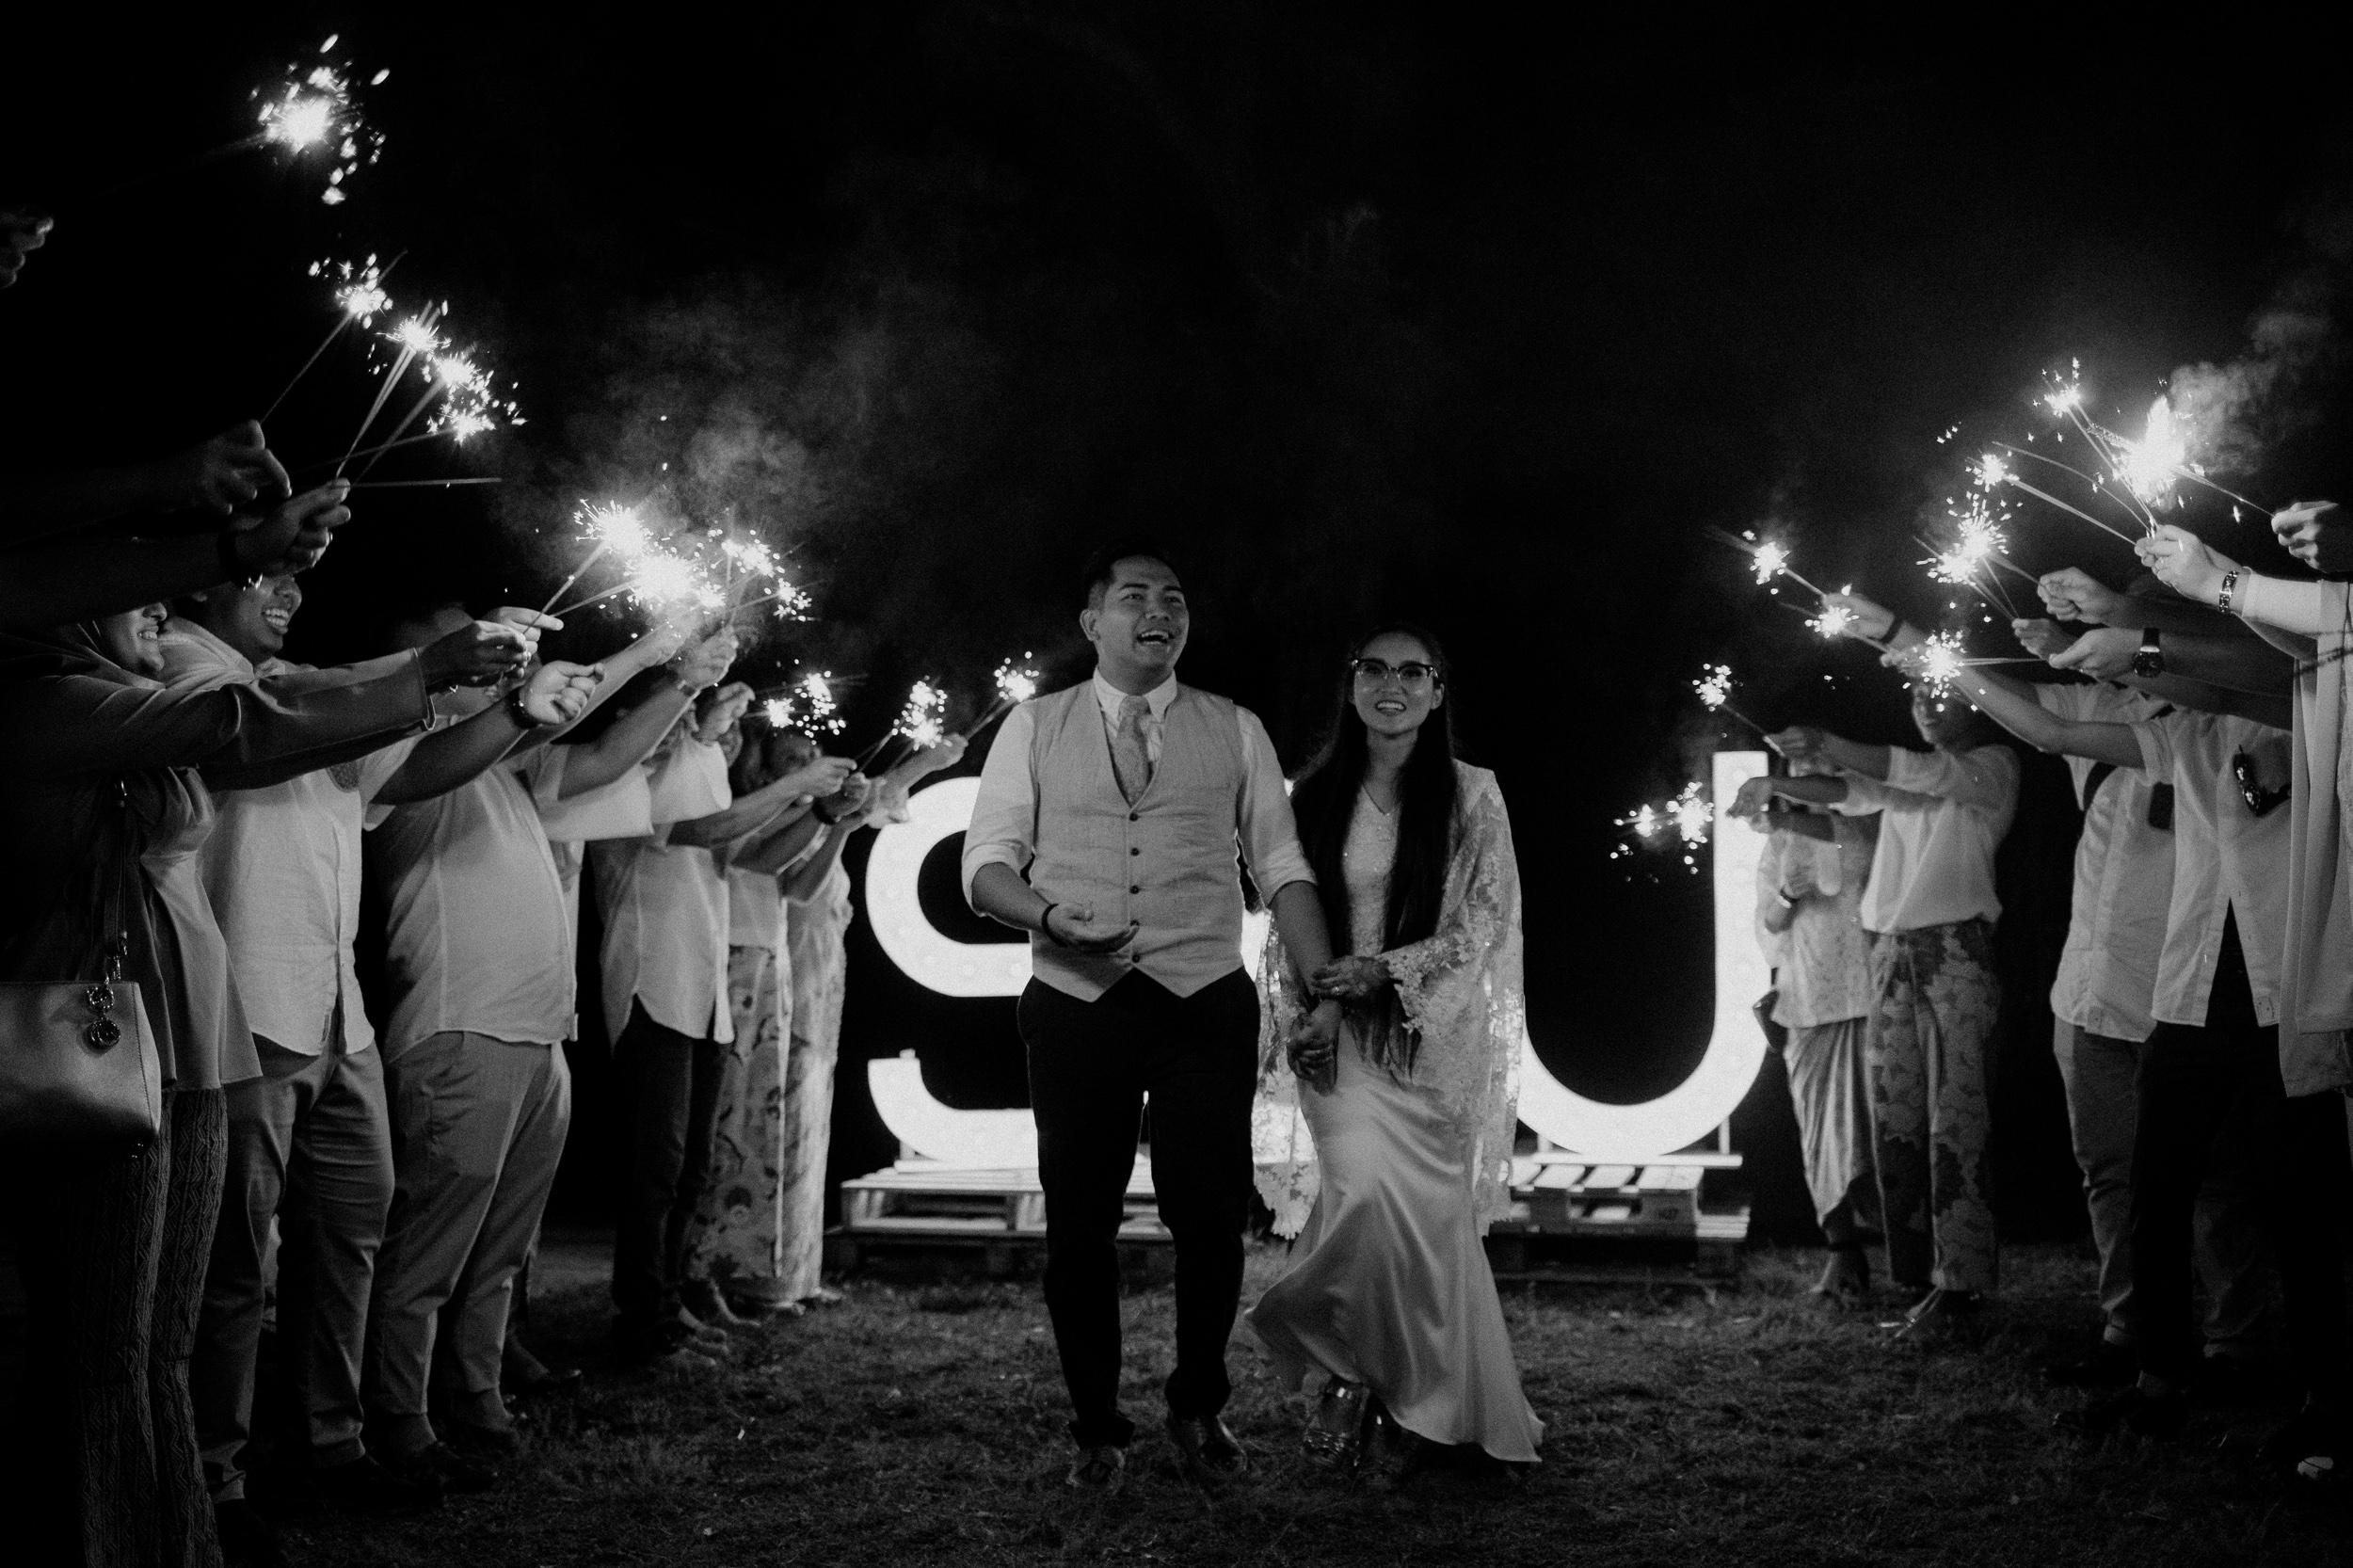 singapore-wedding-photographer-wemadethese-72.jpg